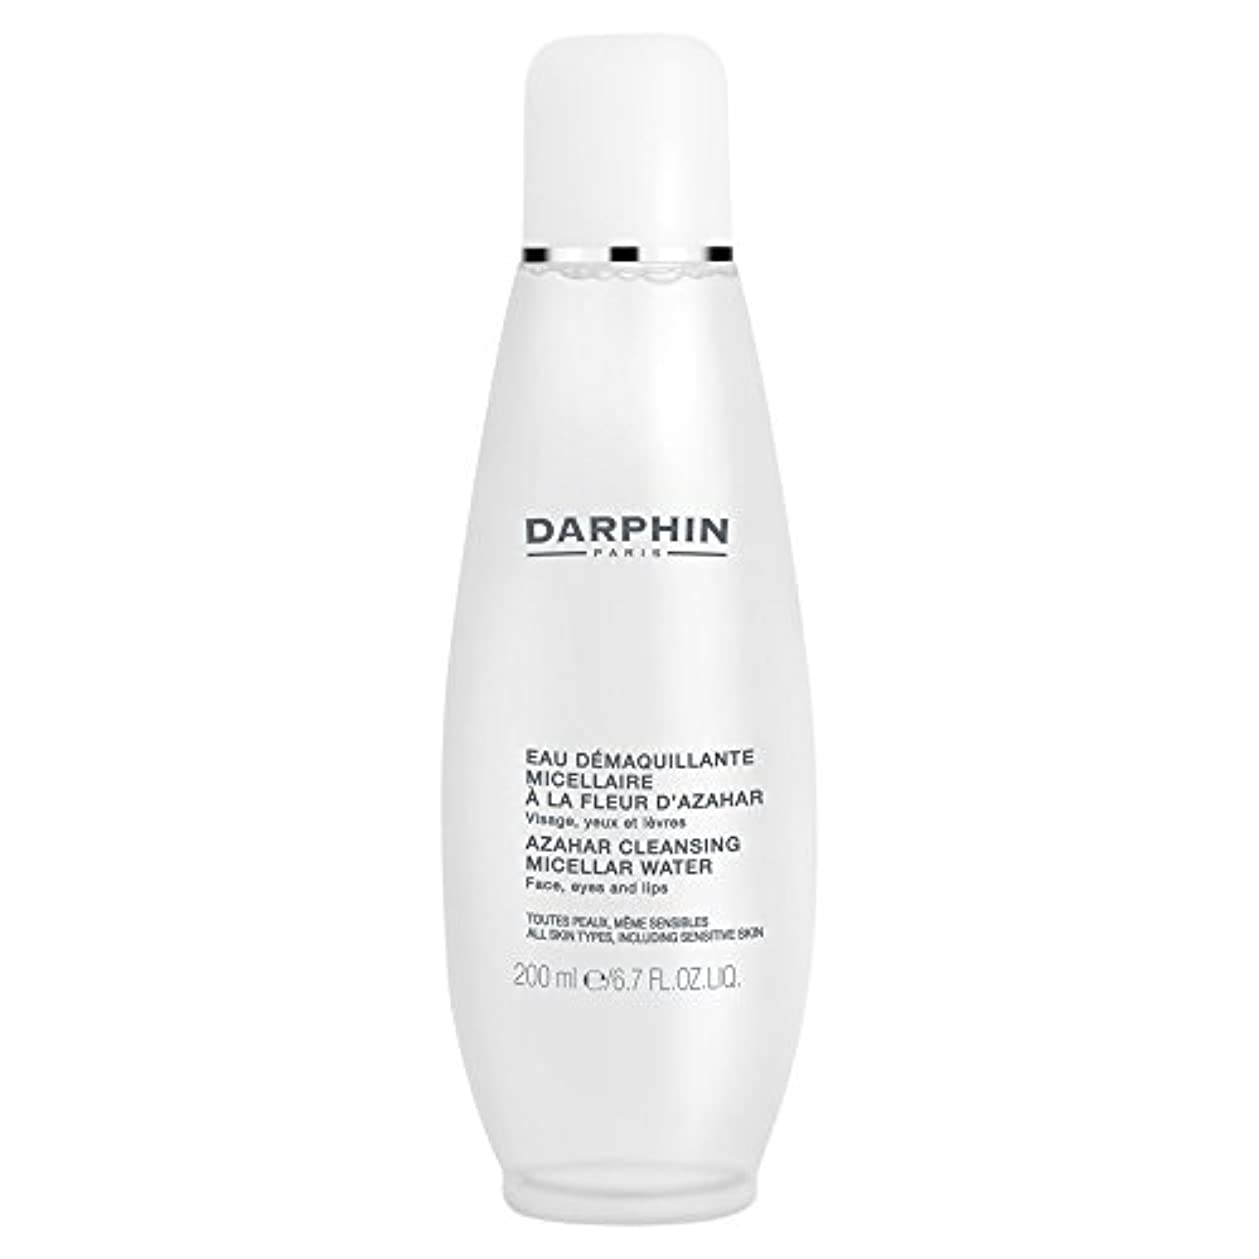 医薬品安心させる破滅的なミセル水クレンジングアサールダルファン、200ミリリットル (Darphin) (x2) - Darphin Azahar Cleansing Micellar Water, 200ml (Pack of 2) [並行輸入品]